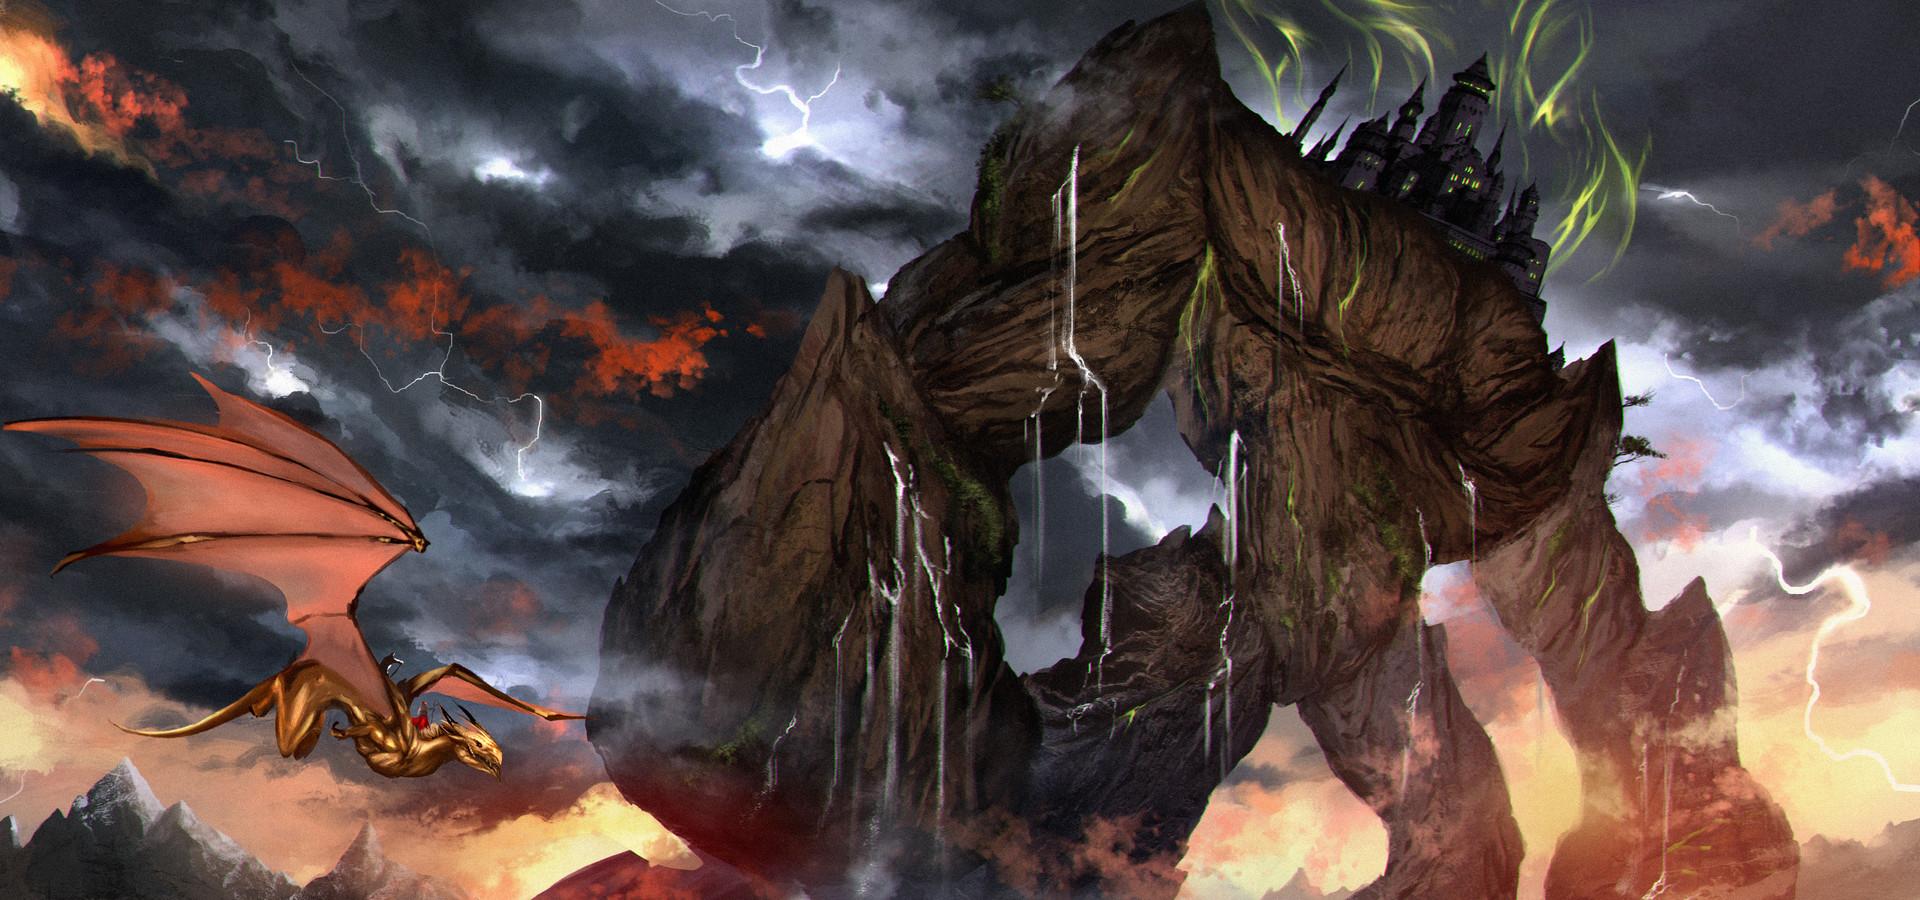 Caio santos titan dragon 3dfdfdfd